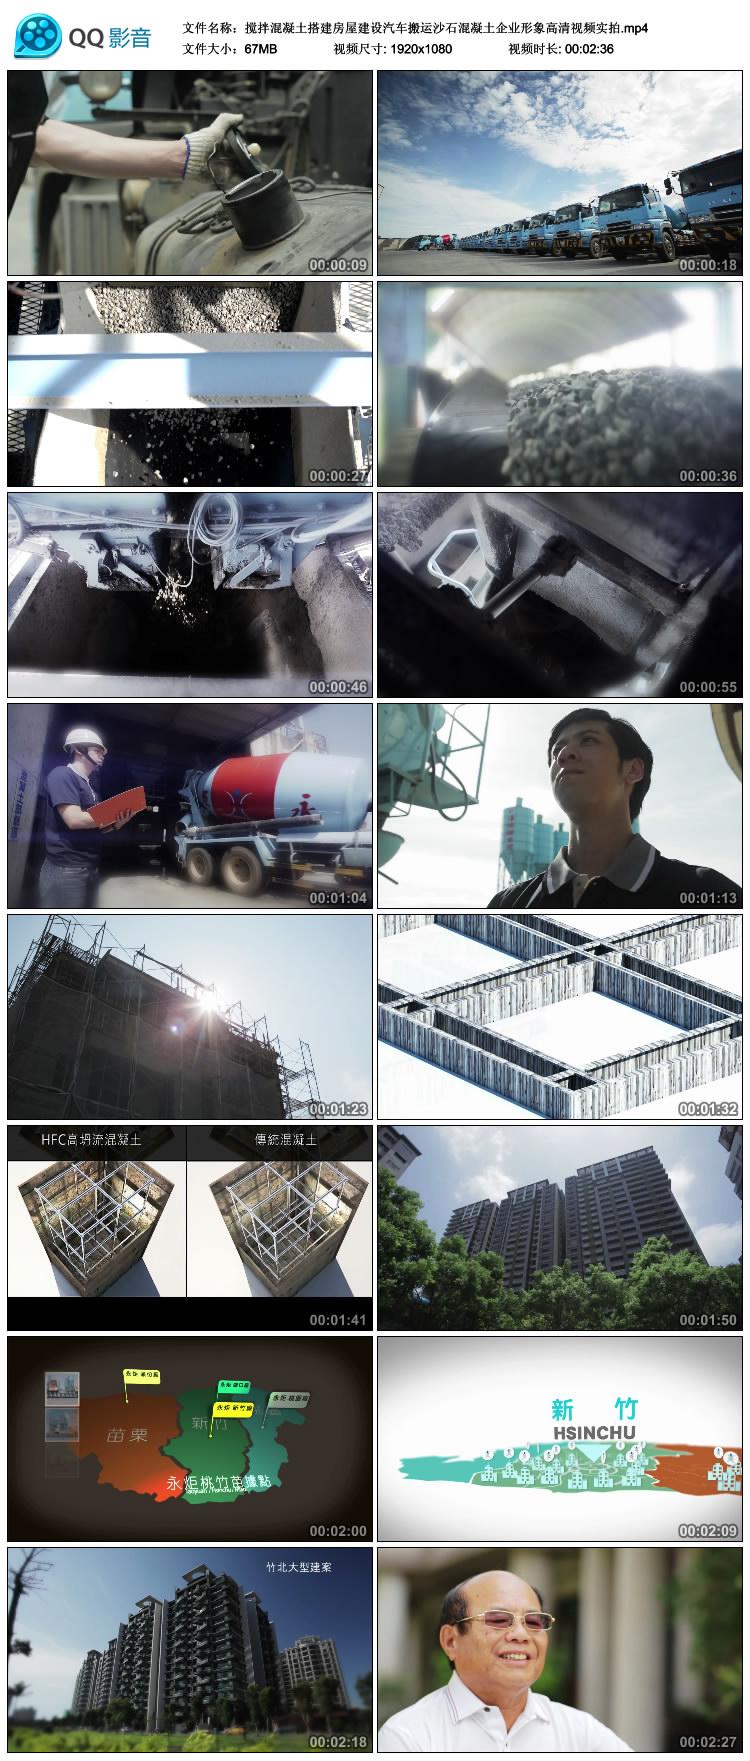 工程建设混凝土浇灌工地建筑开发商房地产高清实拍视频素材